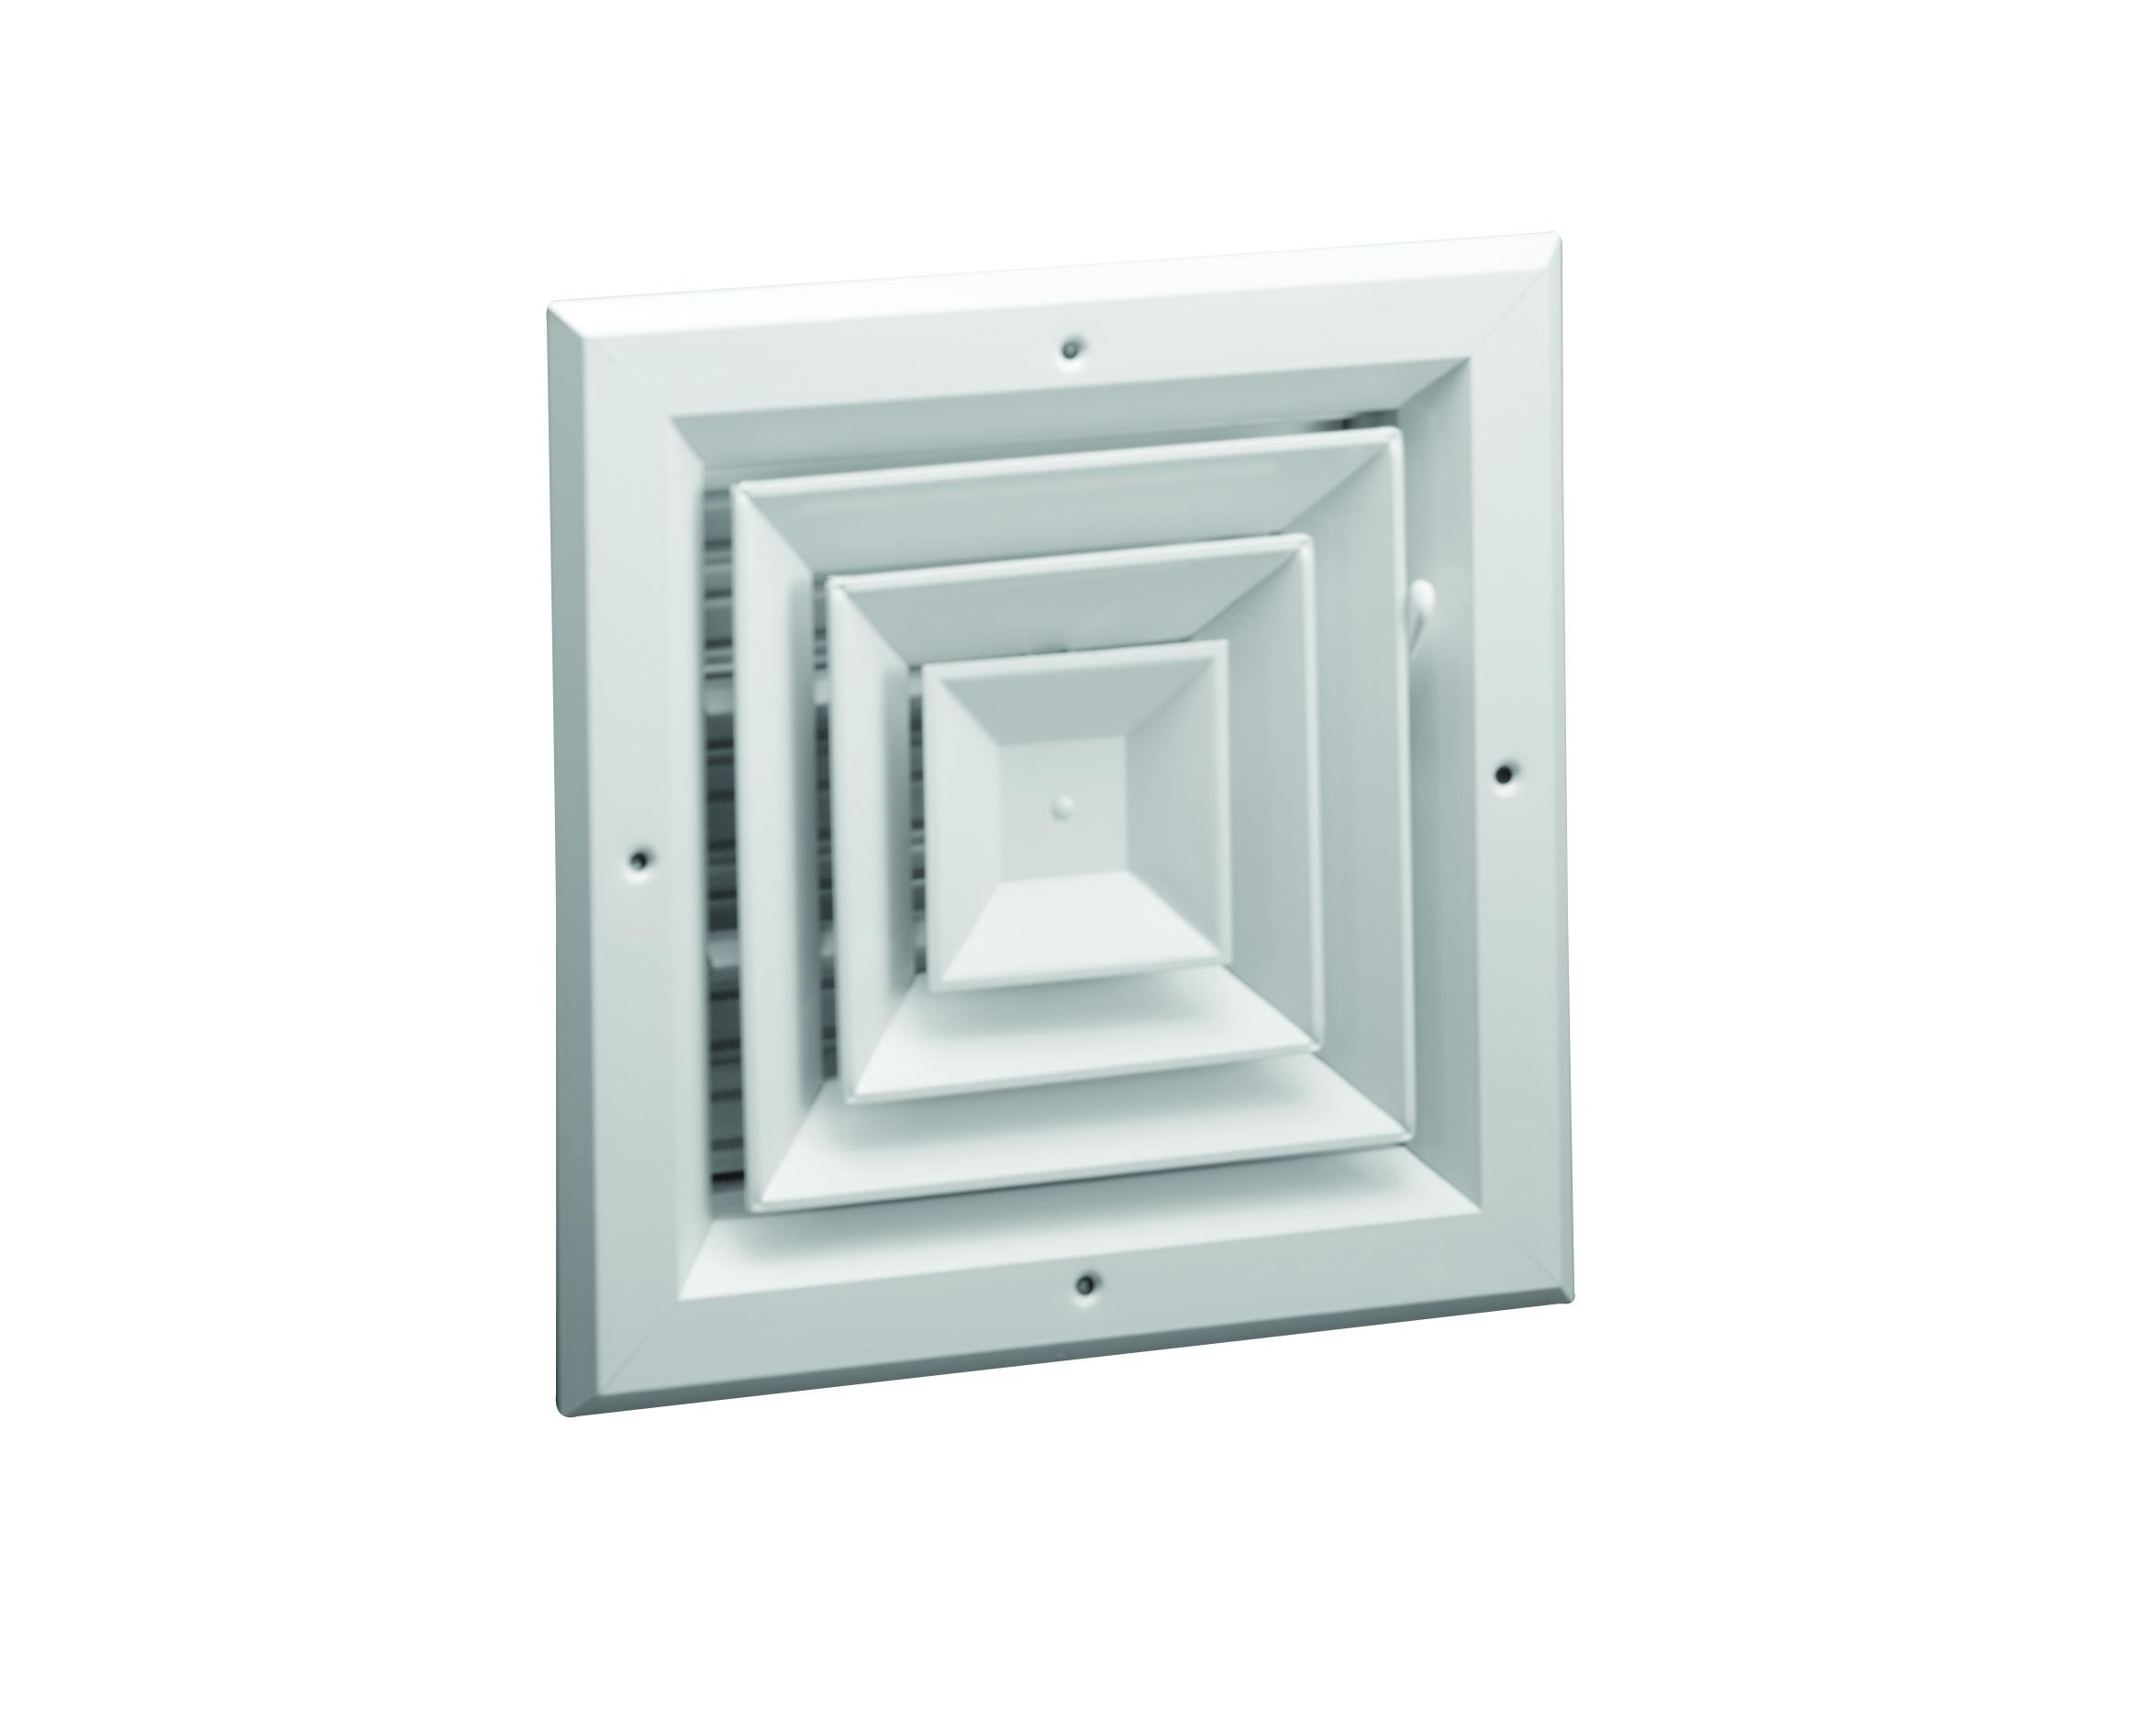 A504 Aluminum 4 way Ceiling Diffuser MS or OBD damper Hart  #736A58